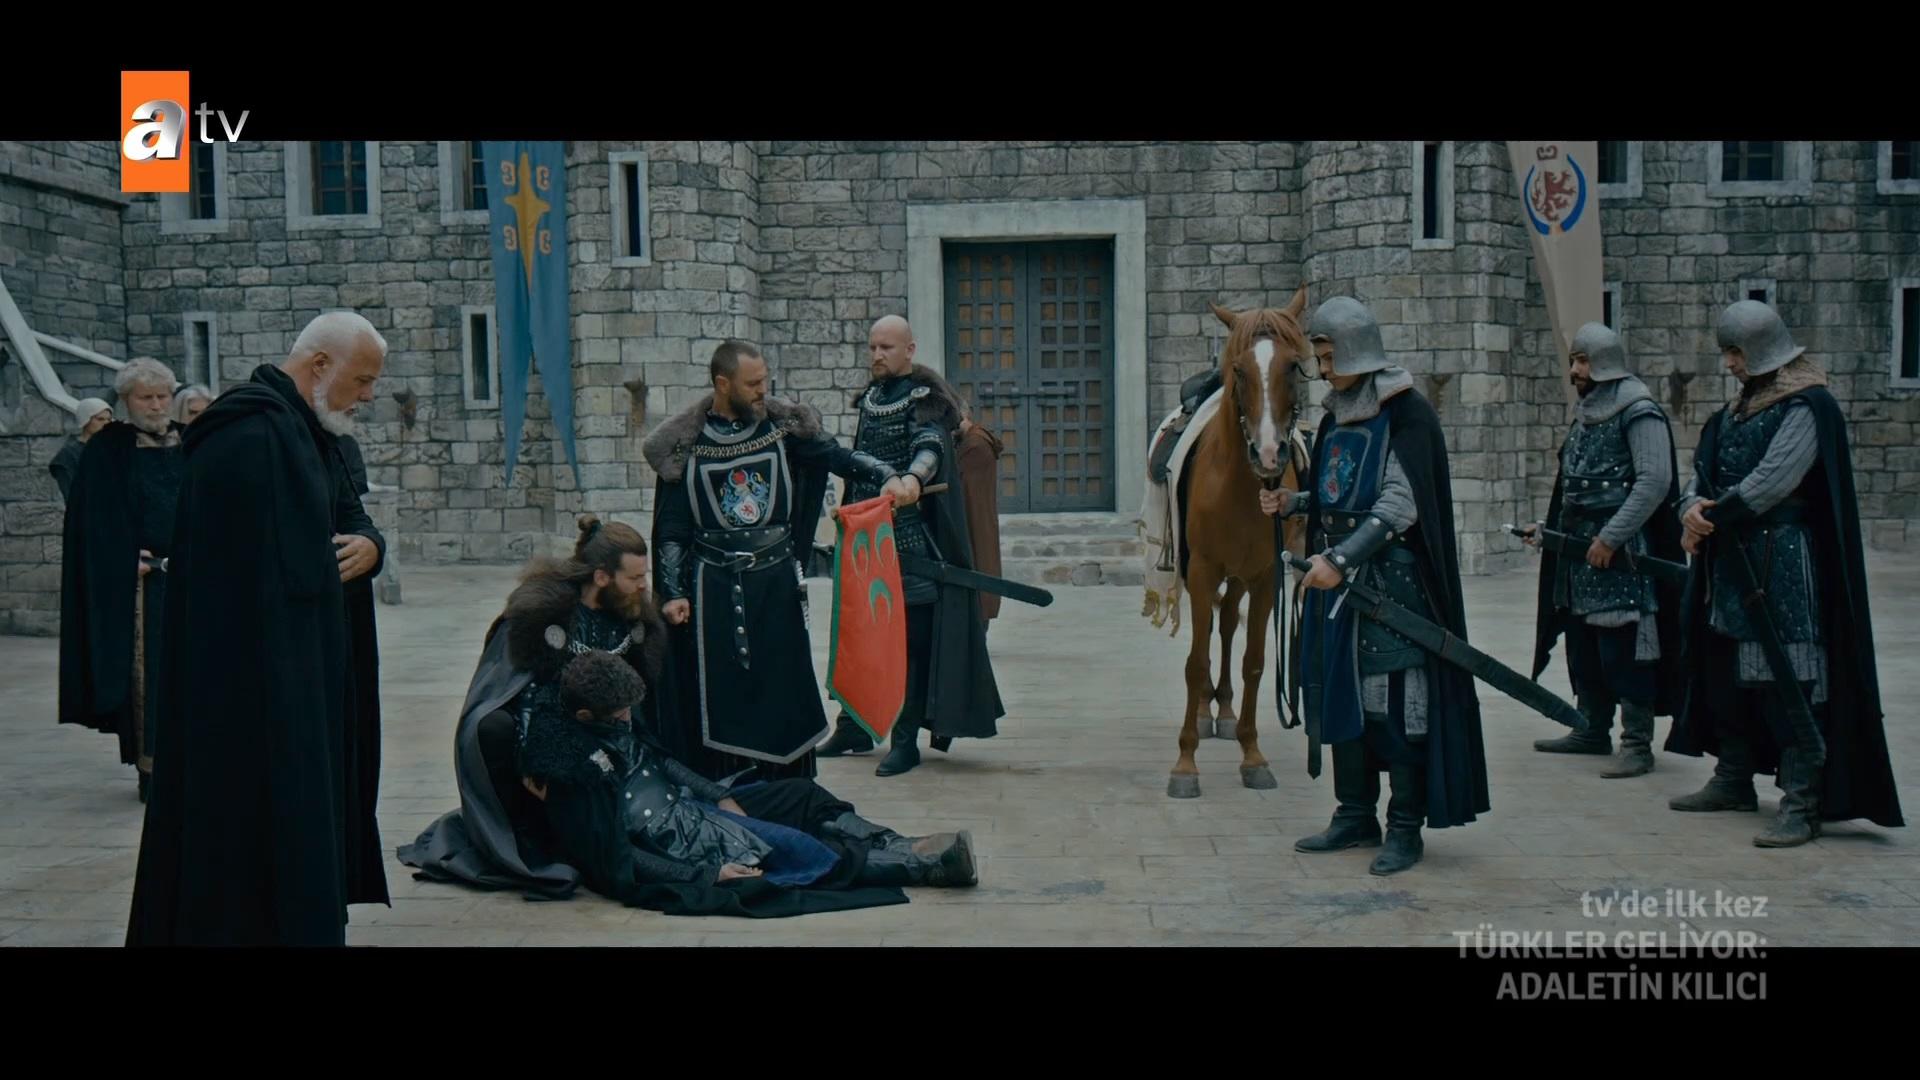 Türkler Geliyor: Adaletin Kılıcı | 2020 | Yerli Film | HDRip | XviD | 720p - 1080p - m720p - m1080p | HDTV | Tek Link